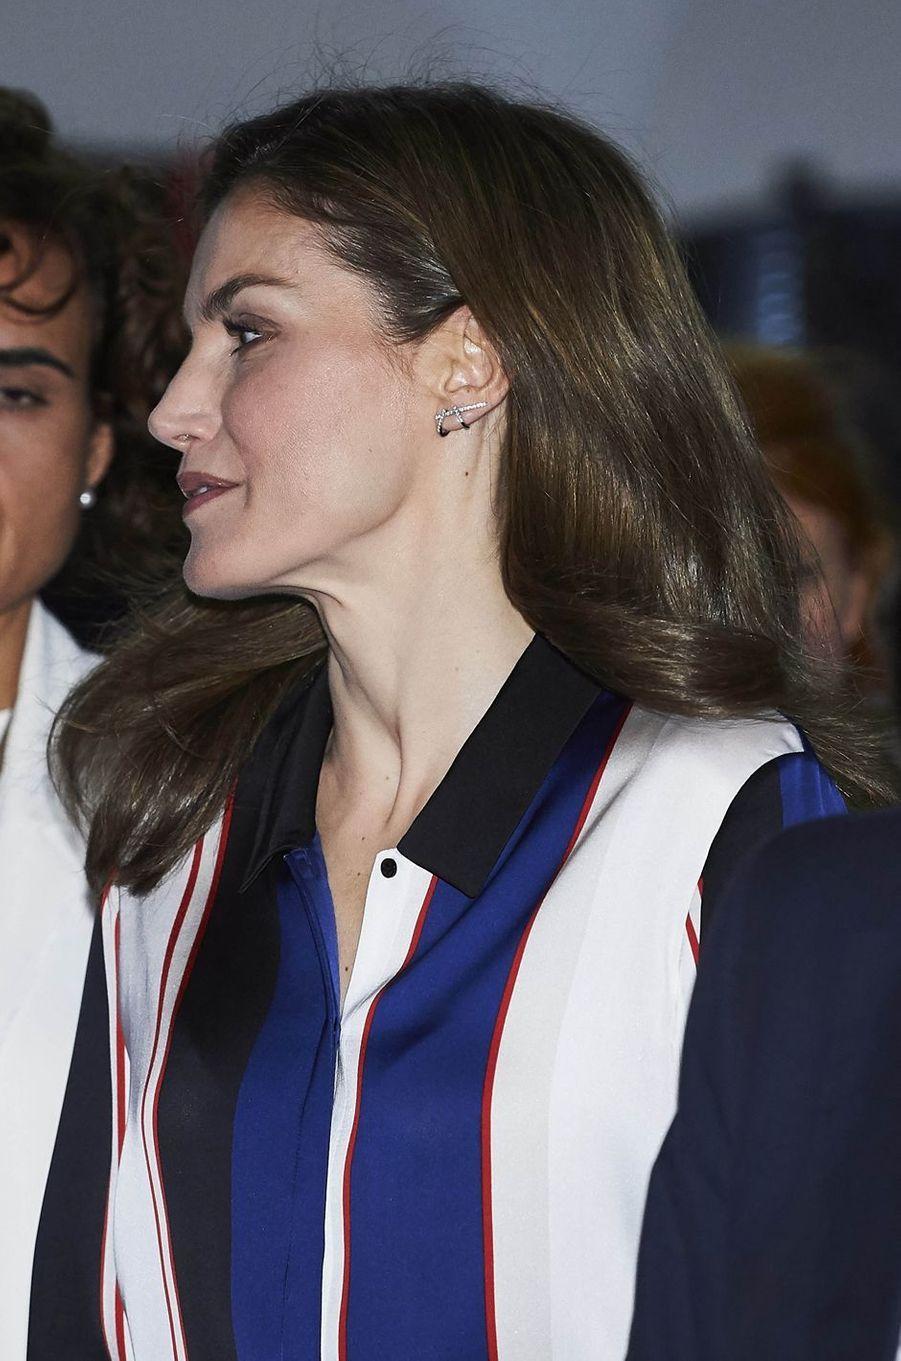 Détail des boucles d'oreille de reine Letizia d'Espagne, à Madrid le 26 juin 2017